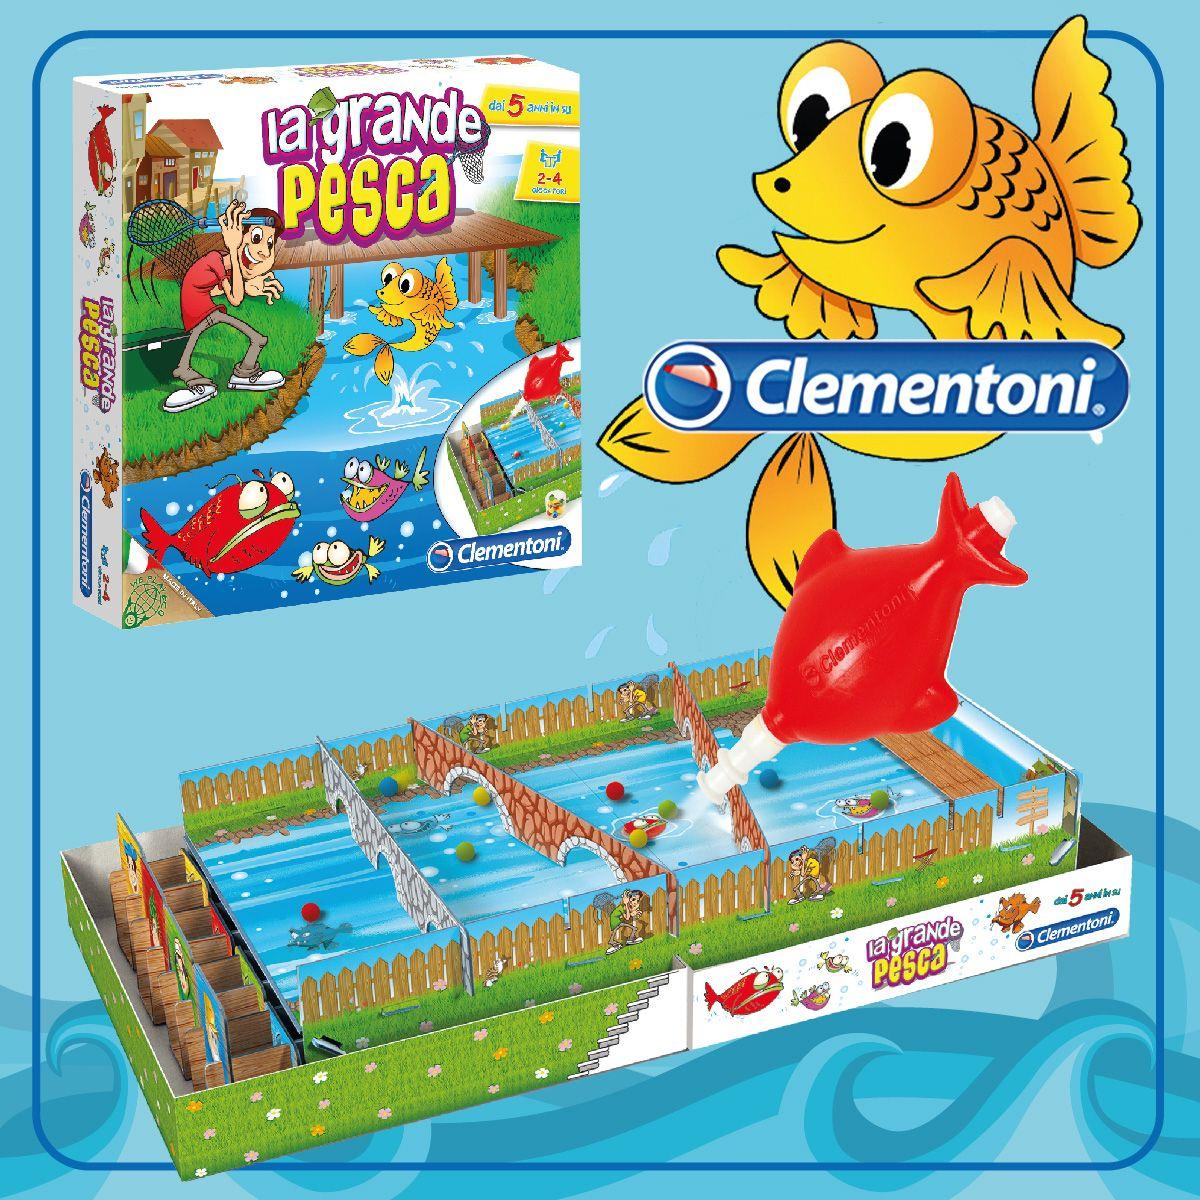 La Grande Pesca. Un gioco da tavolo molto divertente per i piccoli pescatori. Vince chi cattura più palline! #giochi #giochidisocieta #toys #giochidatavolo by #clementoni #giochiclementoni